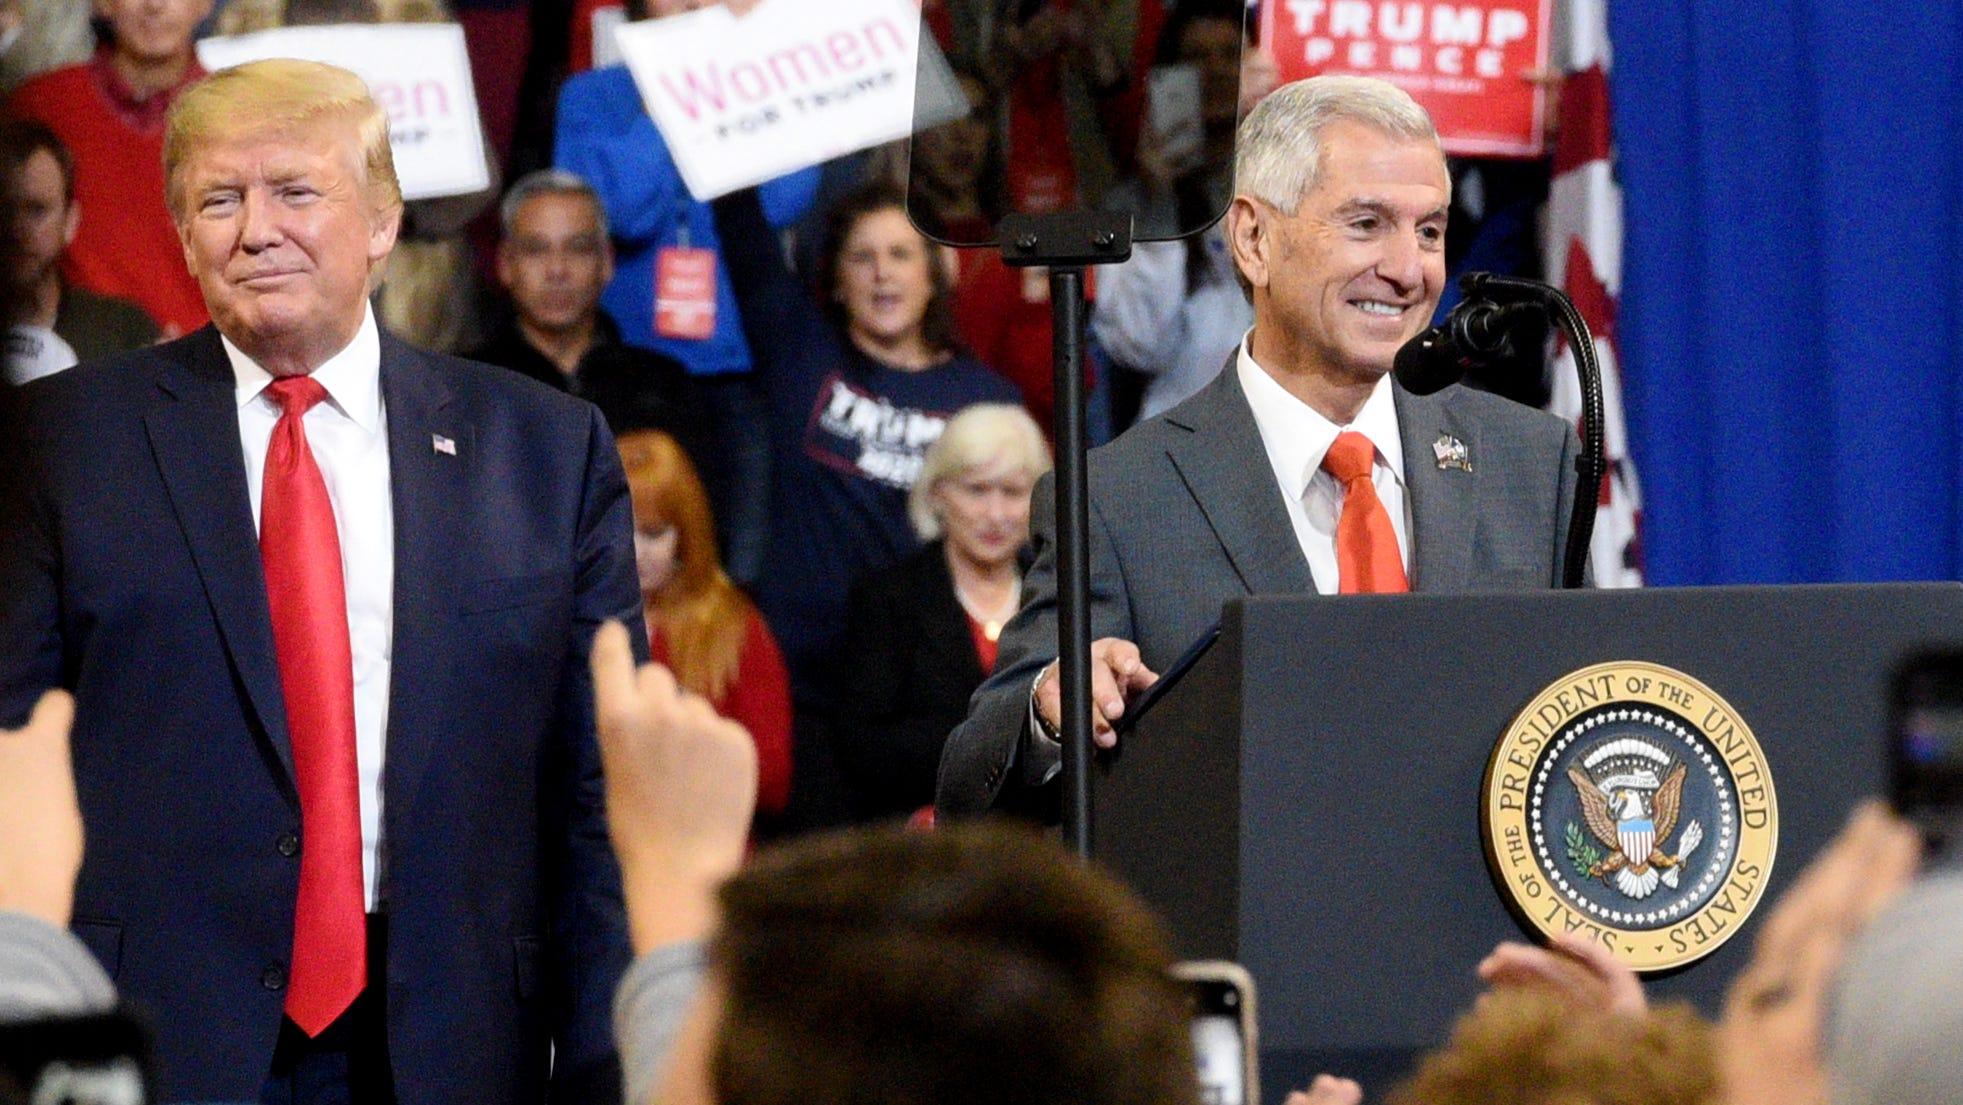 Trump stumps for Eddie Rispone for Louisiana governor